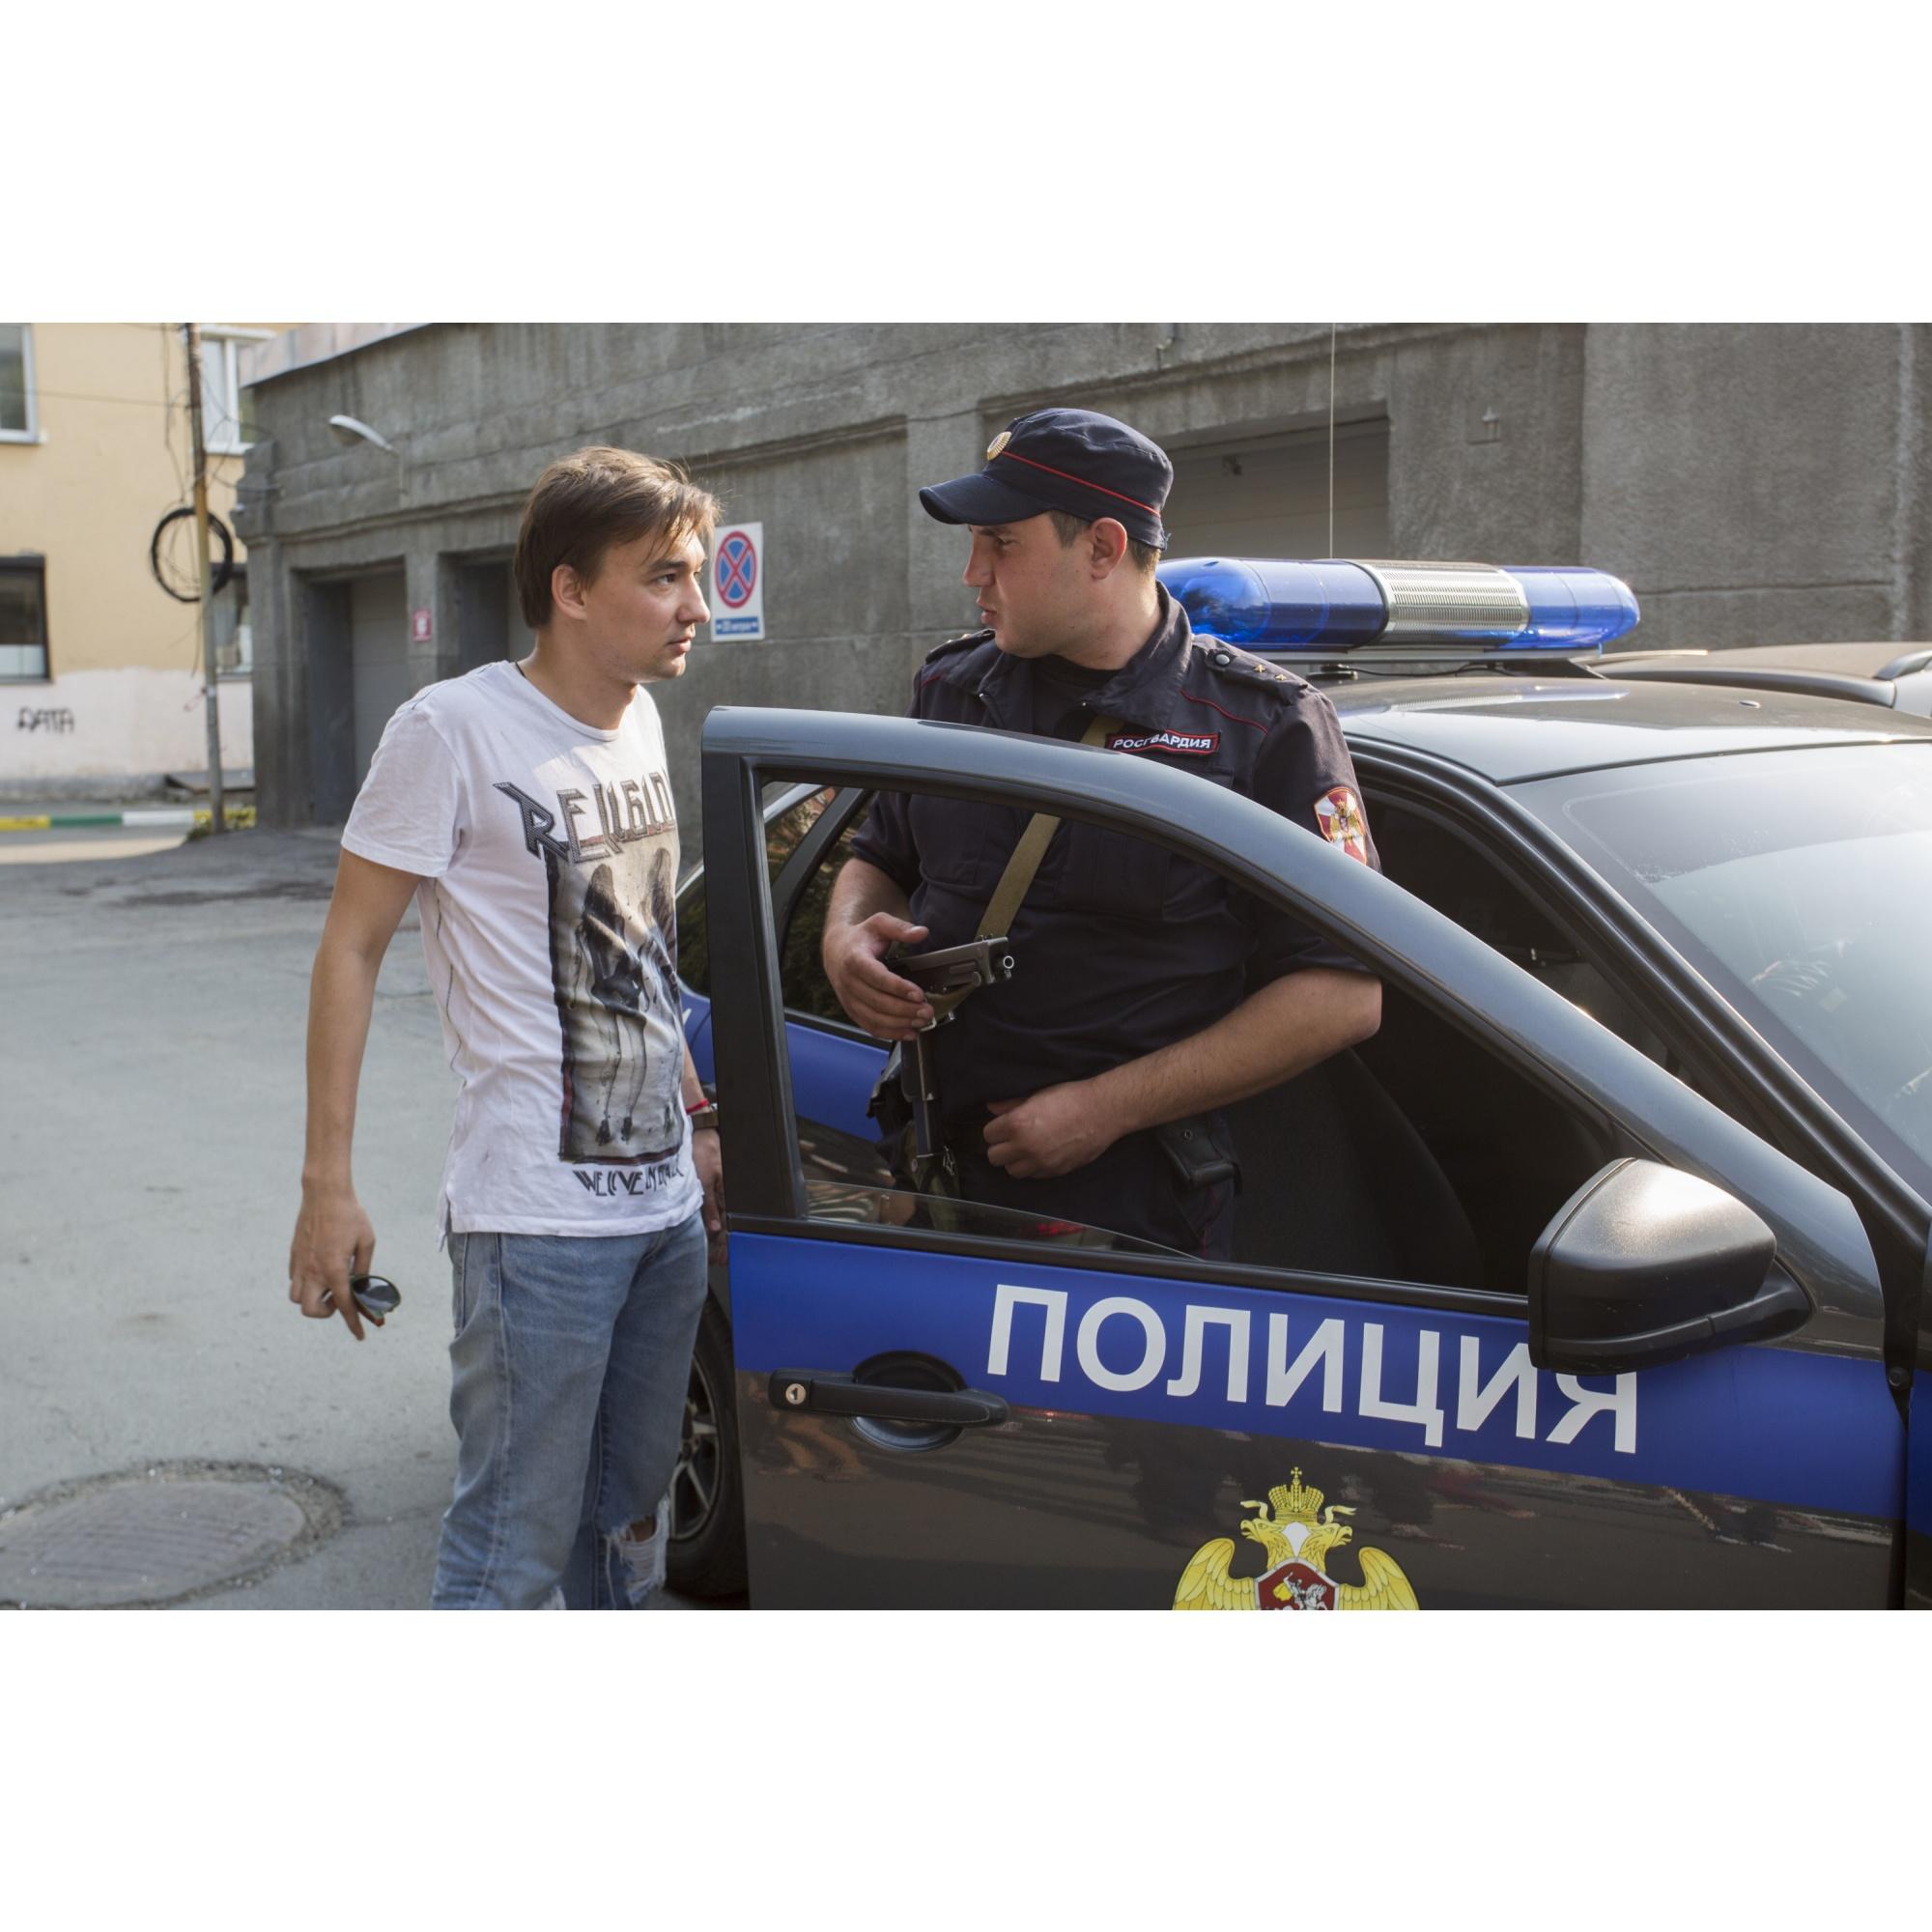 Полицию вызвали местные жители, не понимавшие, что происходит